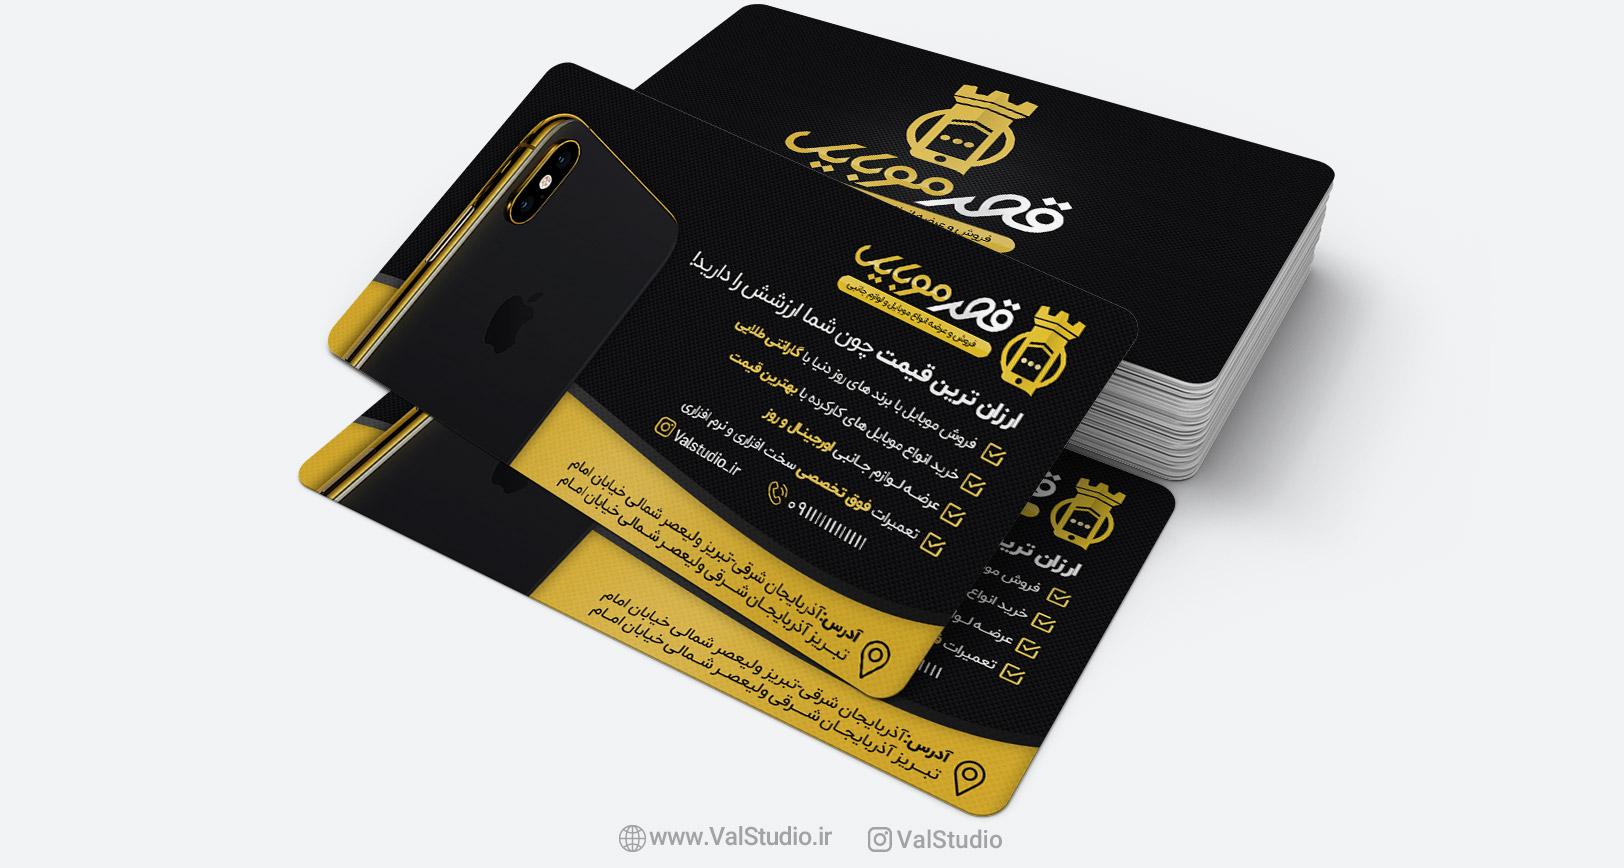 دانلود کارت ویزیت موبایل فروشی به صورت لایه باز PSD